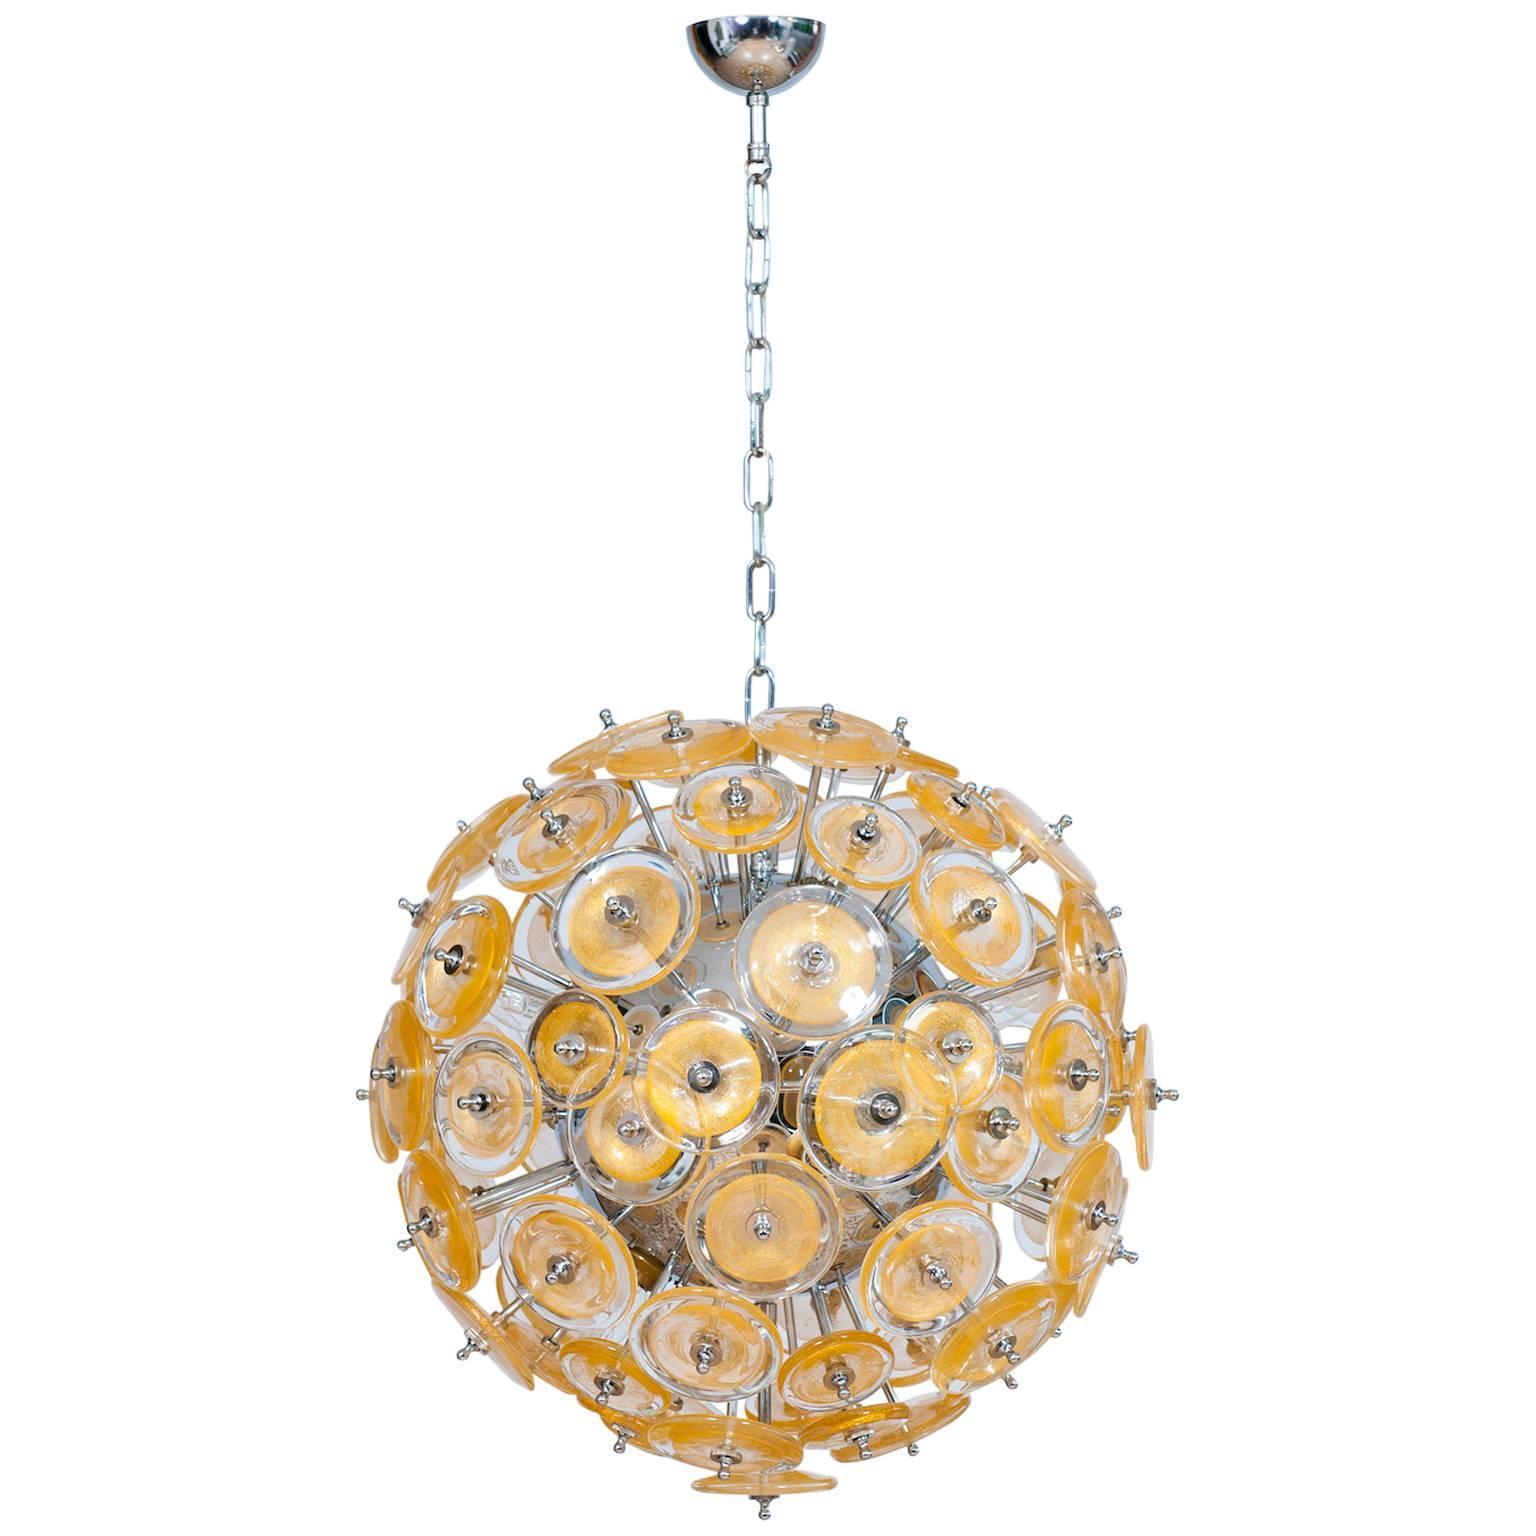 Italian Flush Mount in Blown Murano Glass, Gold 24-K, Mazzega Contemporary